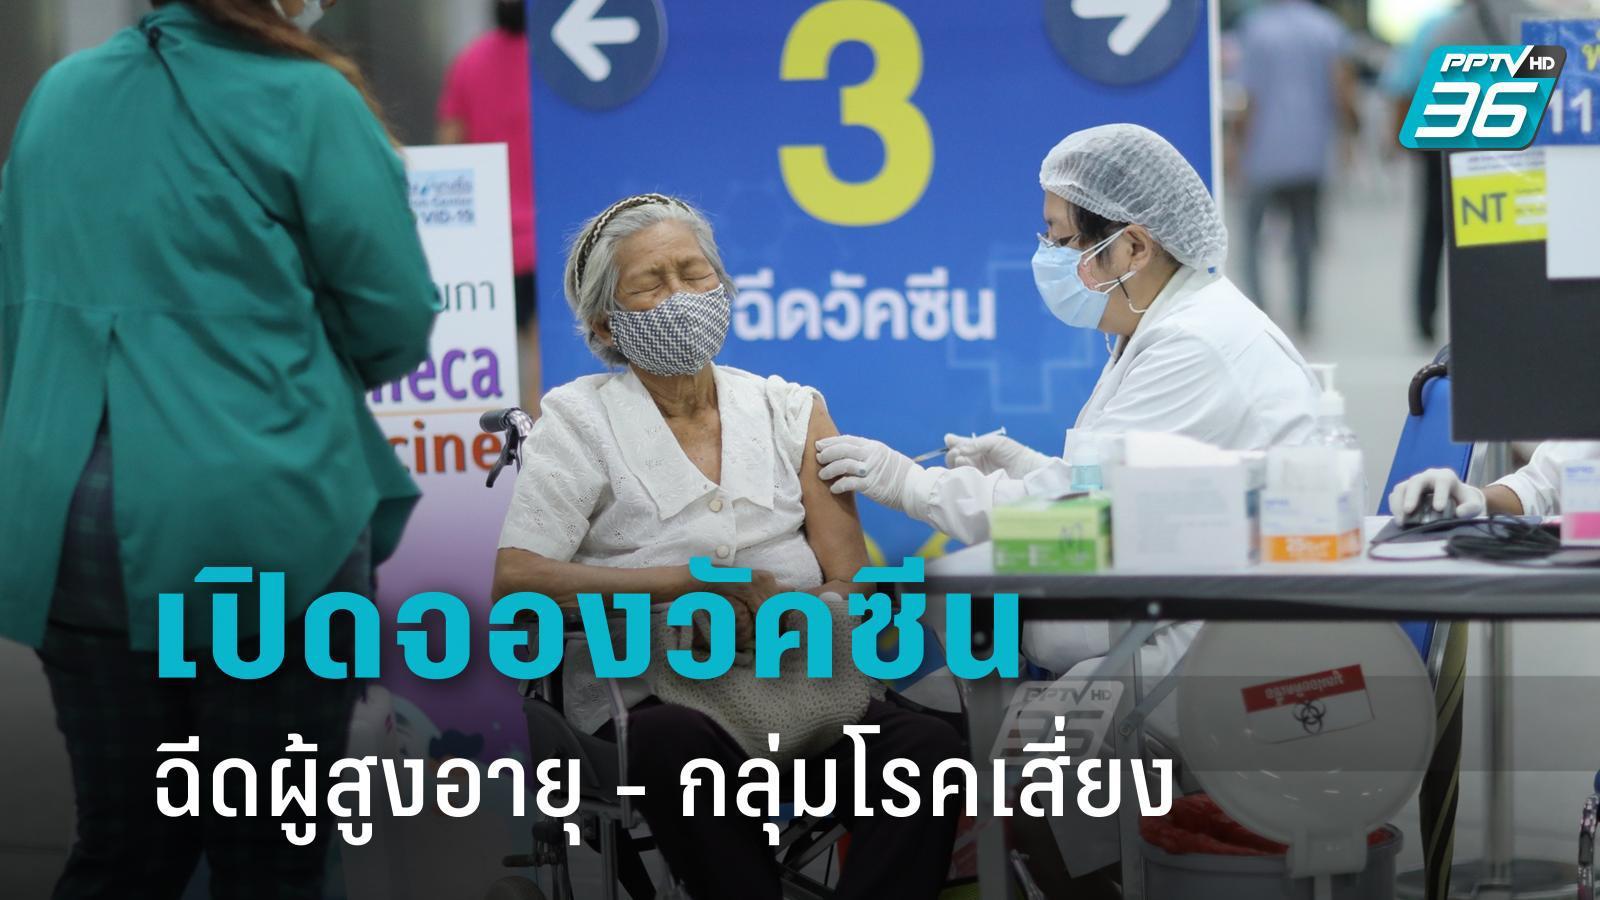 ศิริราช - จุฬาฯ เปิดลงทะเบียนฉีดวัคซีน ผู้สูงอายุ กลุ่มโรคกลุ่มเสี่ยง